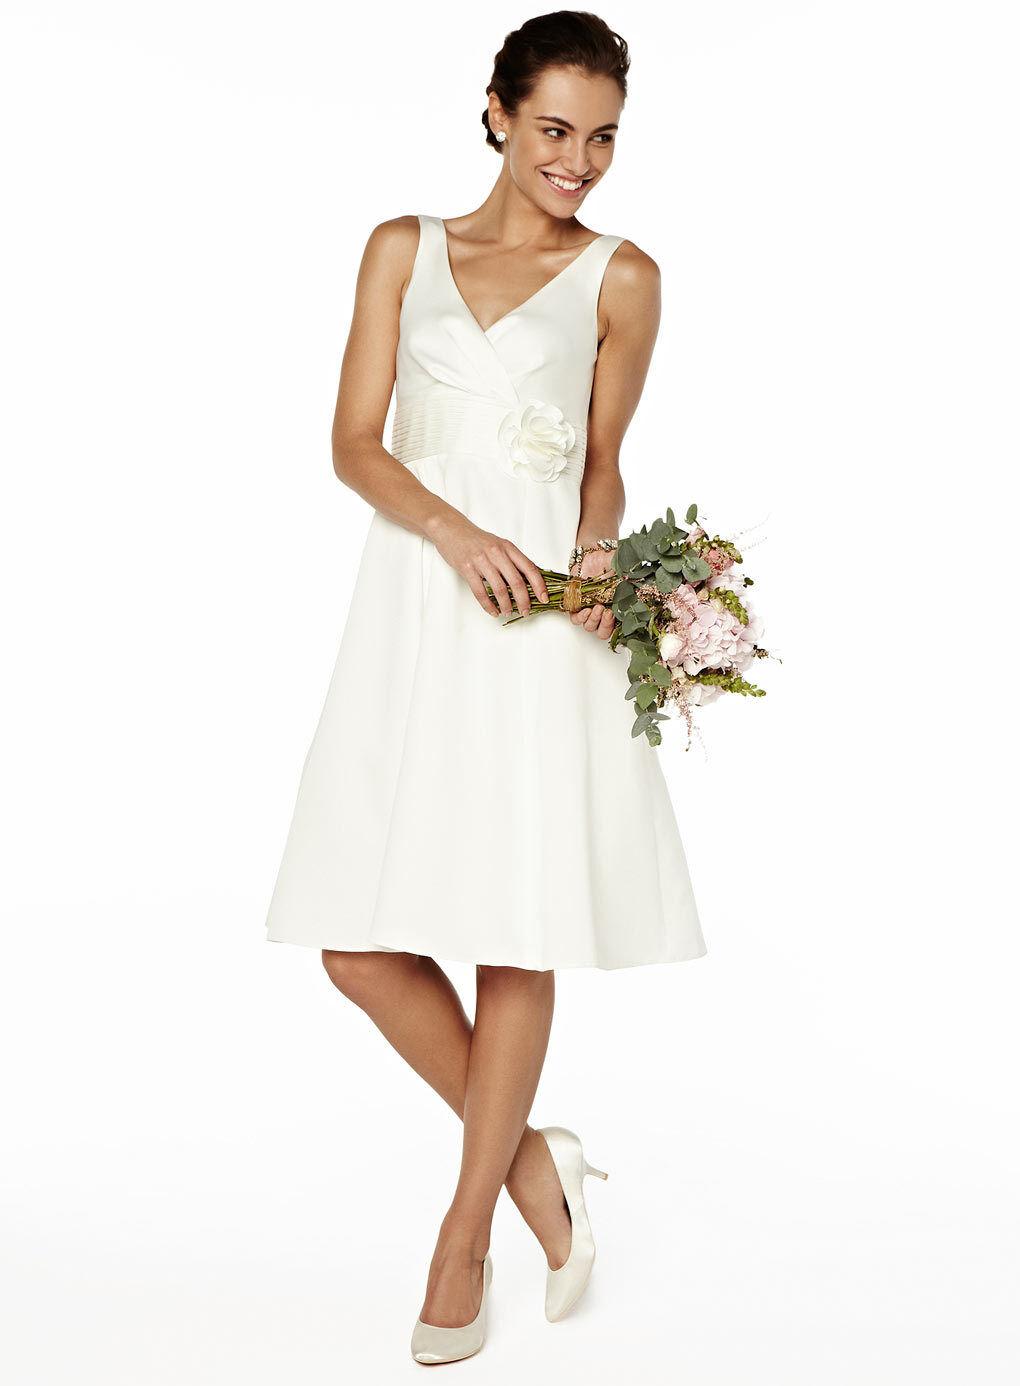 BHS Bridesmaid/Wedding Dress Rose Ivory Size 8/10